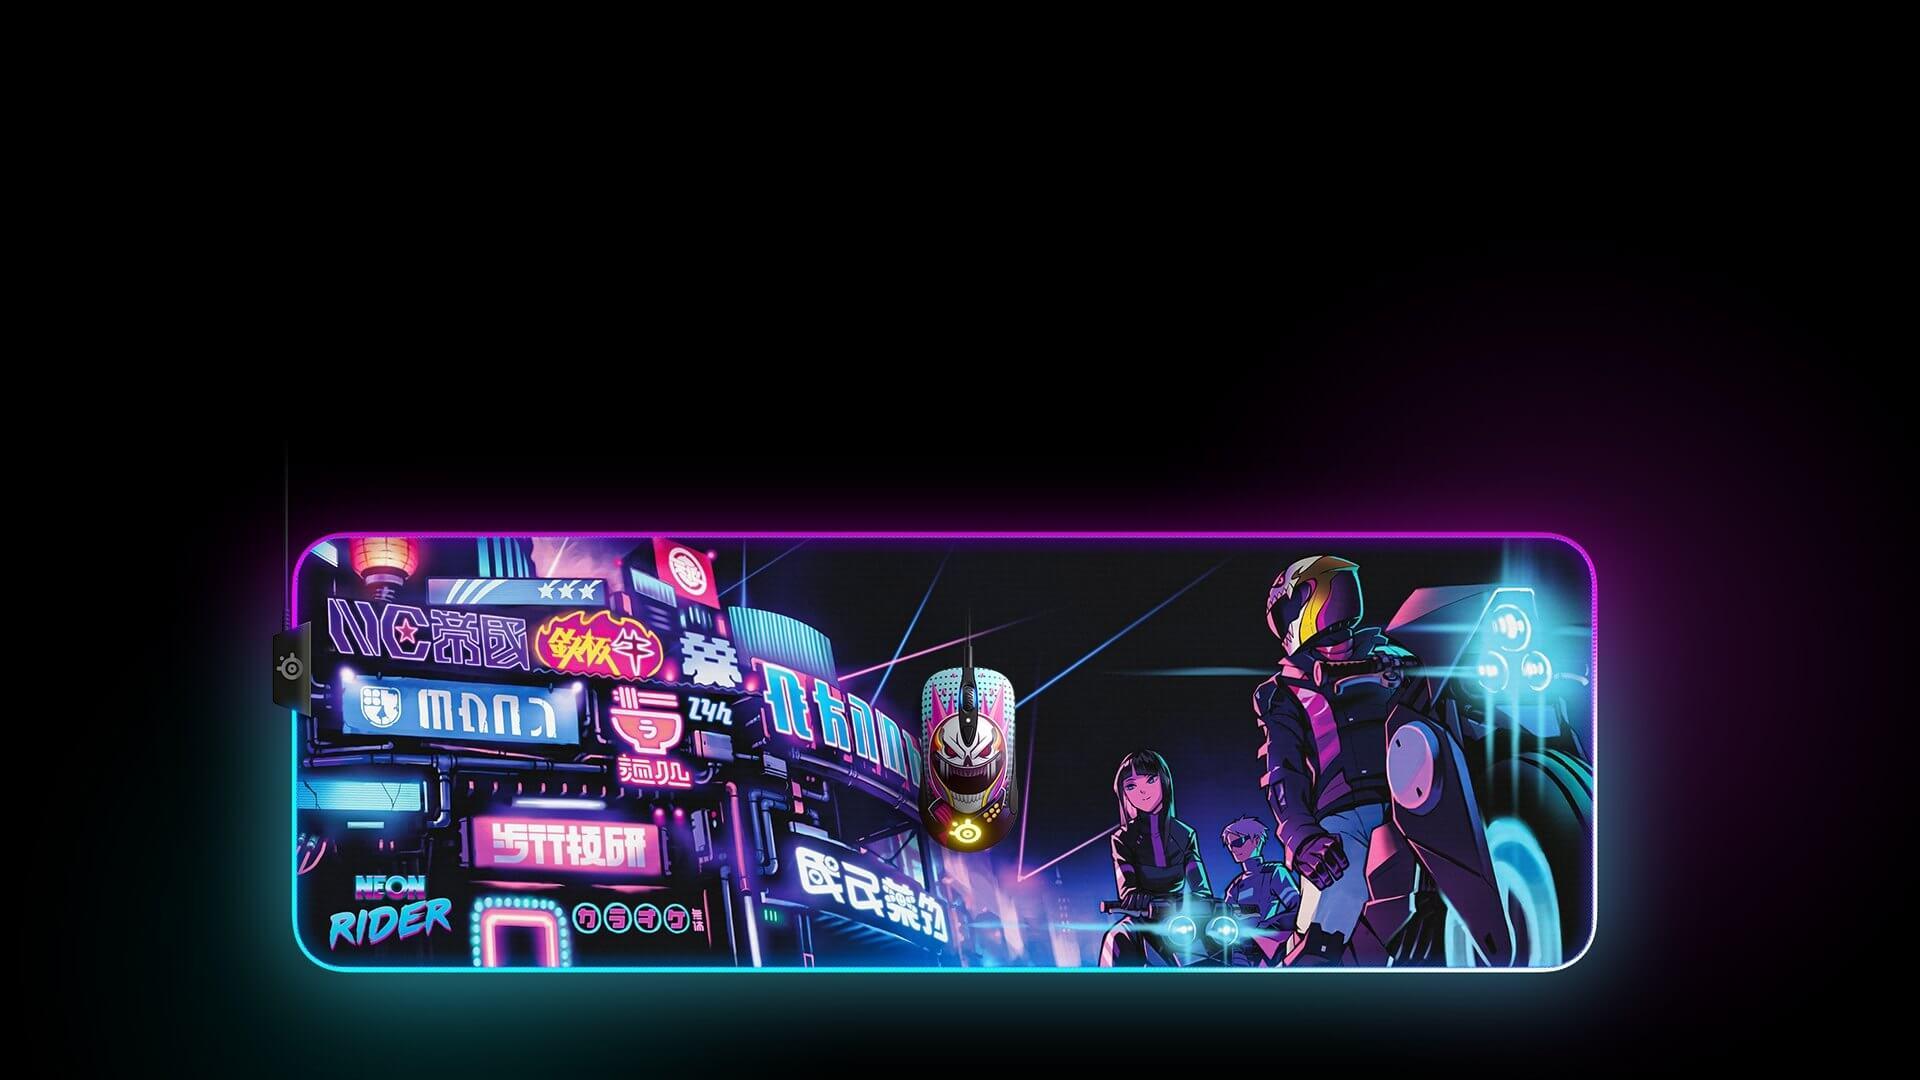 Bàn di chuột Steelseries Qck Prism(XL) Neon Rider - 63809 có bề mặt tương thích tốt với nhiều loại mắt đọc